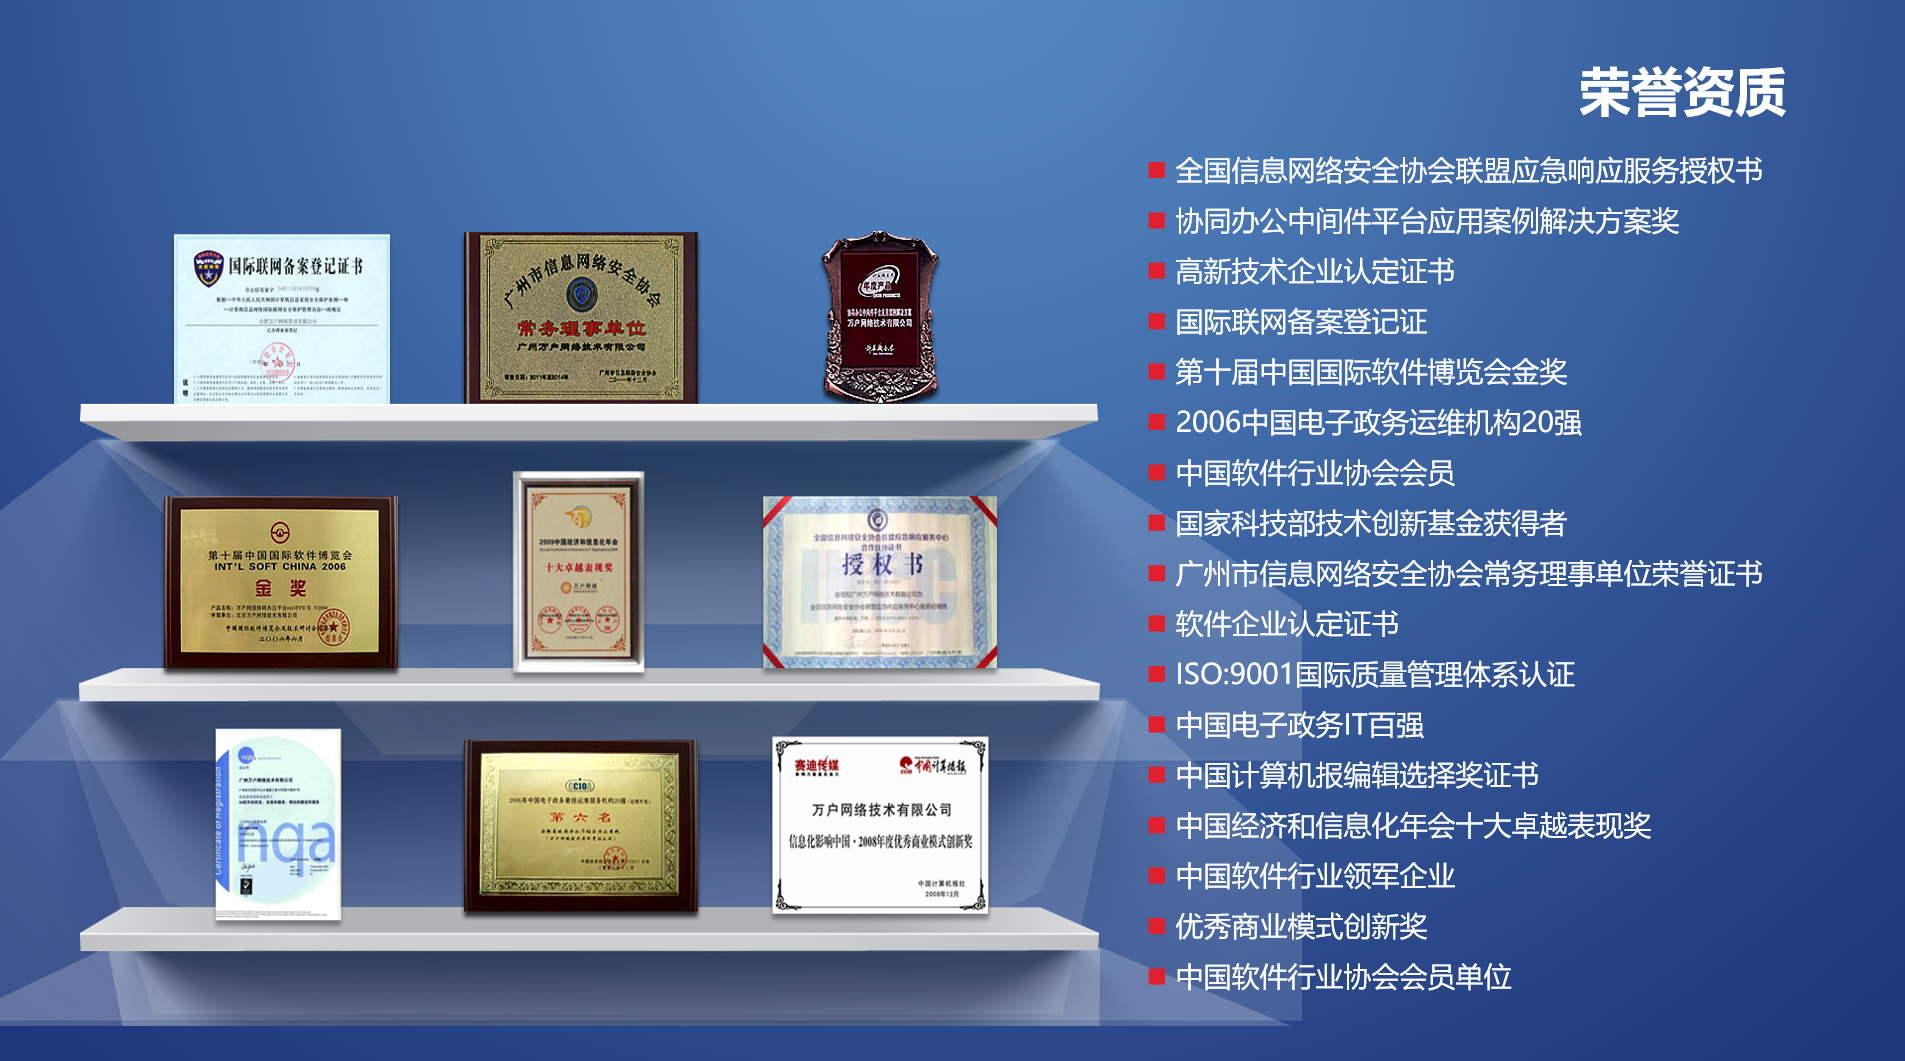 公司企业网站建设官网响应式营销型网站定制开发制作设计商城改版